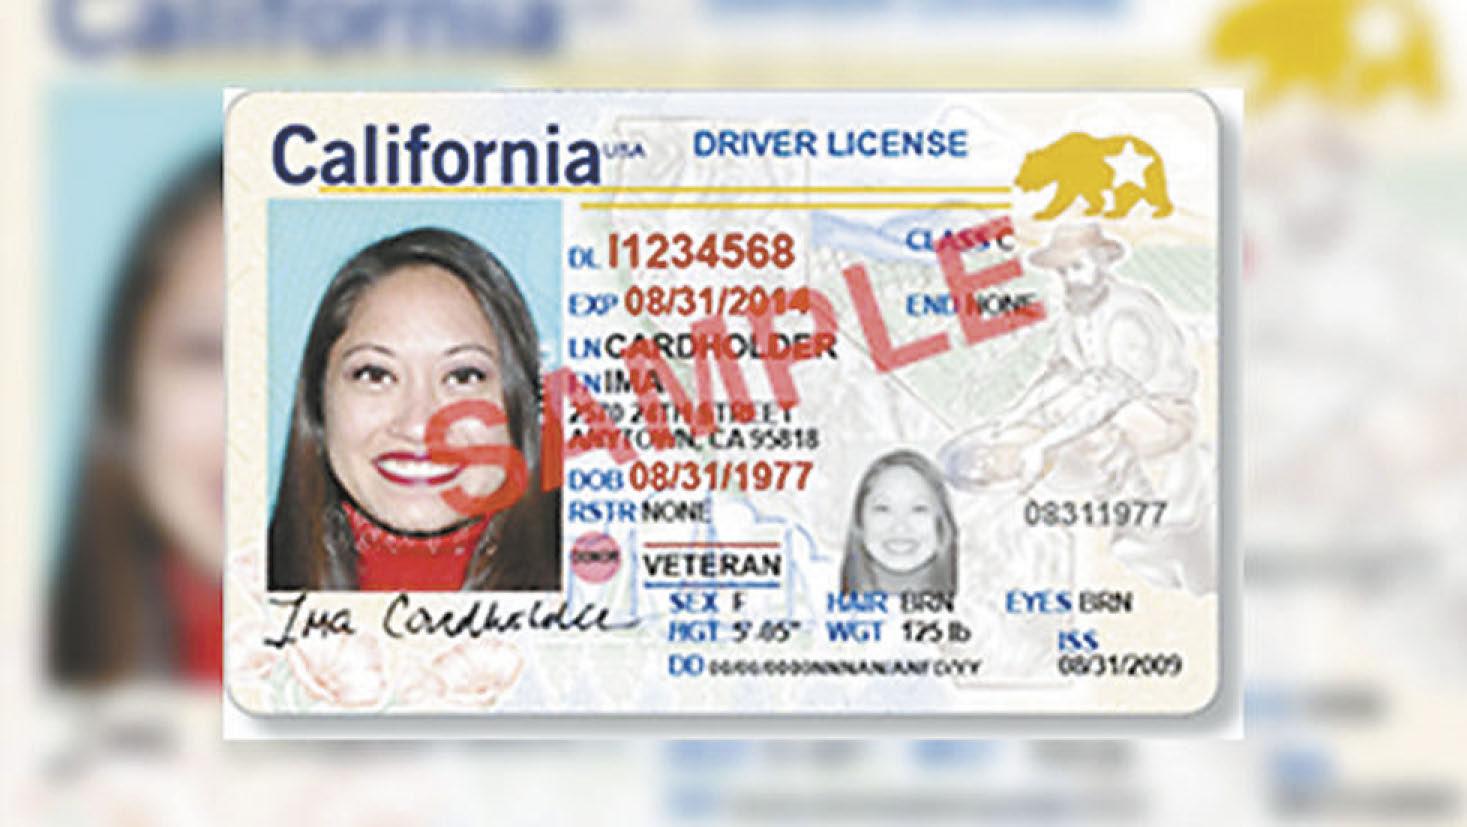 國土安全部尚未續簽「Real ID延期計畫」,22日起加州居民恐將無法持加州駕照搭乘國內班機。abc 7